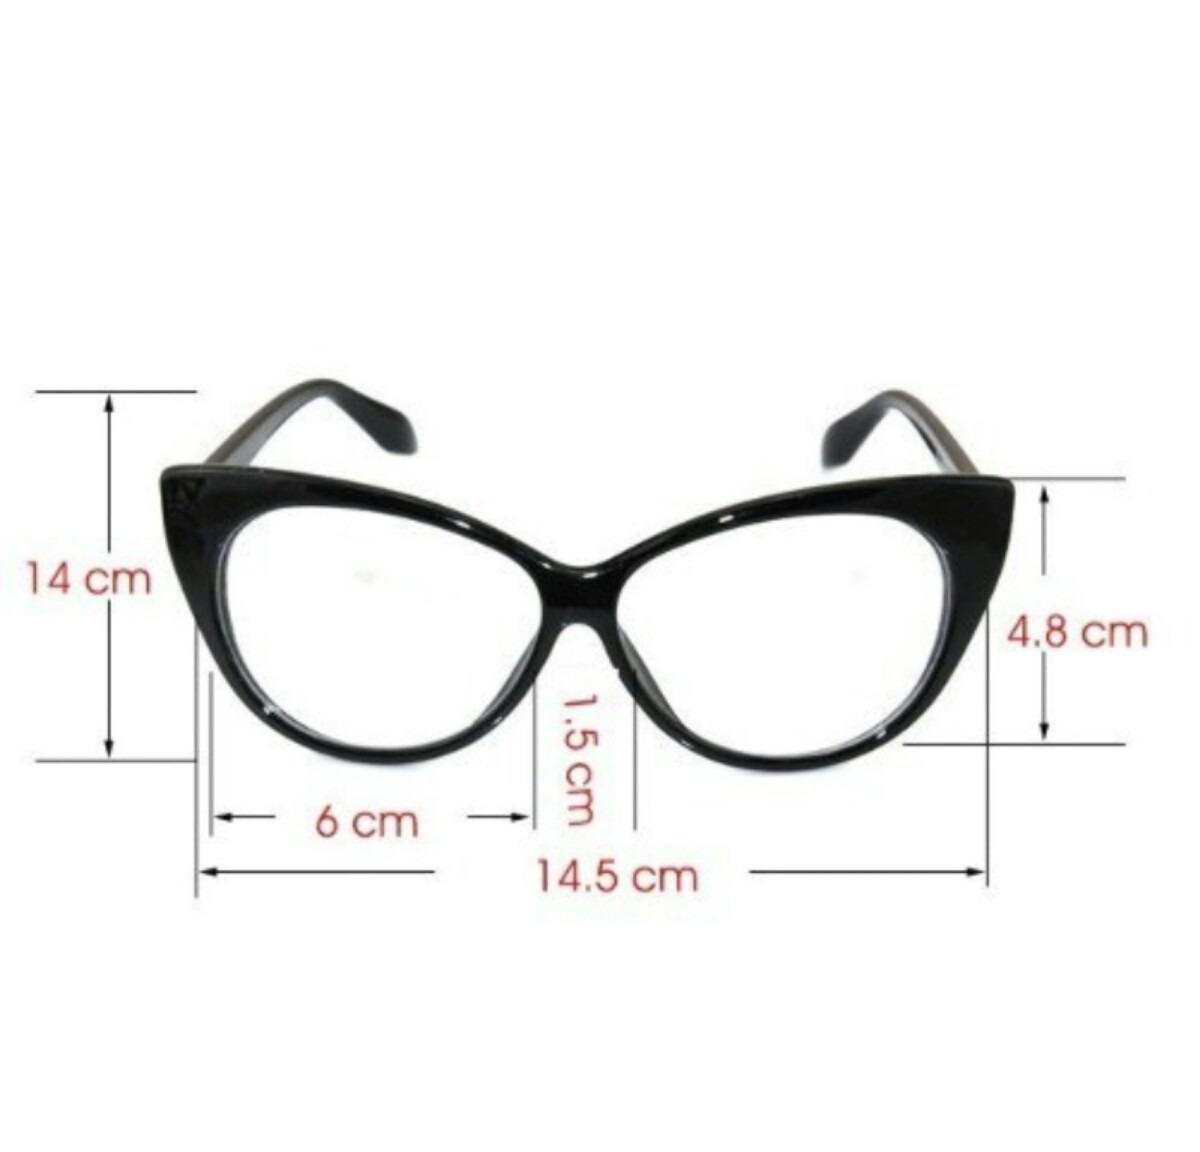 287ea759314 Armação Óculos De Grau Gatinho Blogueira Retro Vintage - R  29